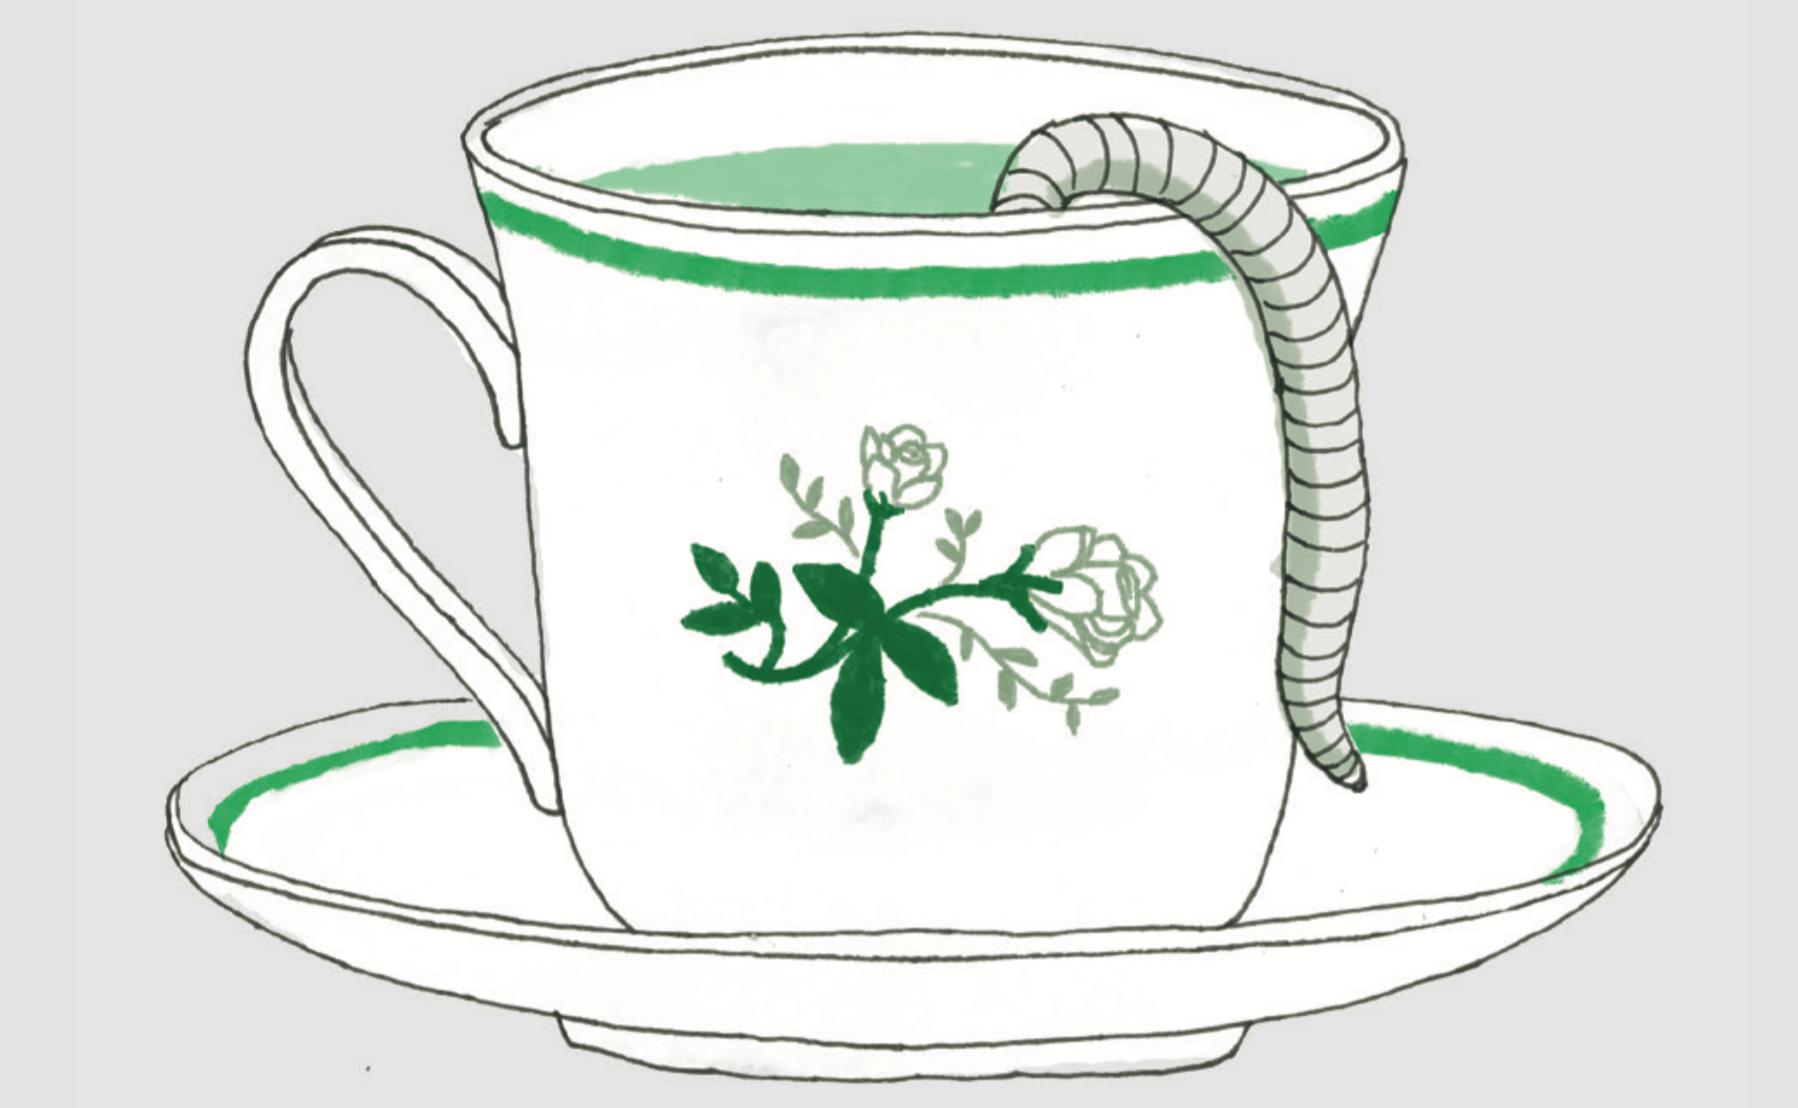 כיצד מכינים תה תולעים - מדע - מדע פלוס